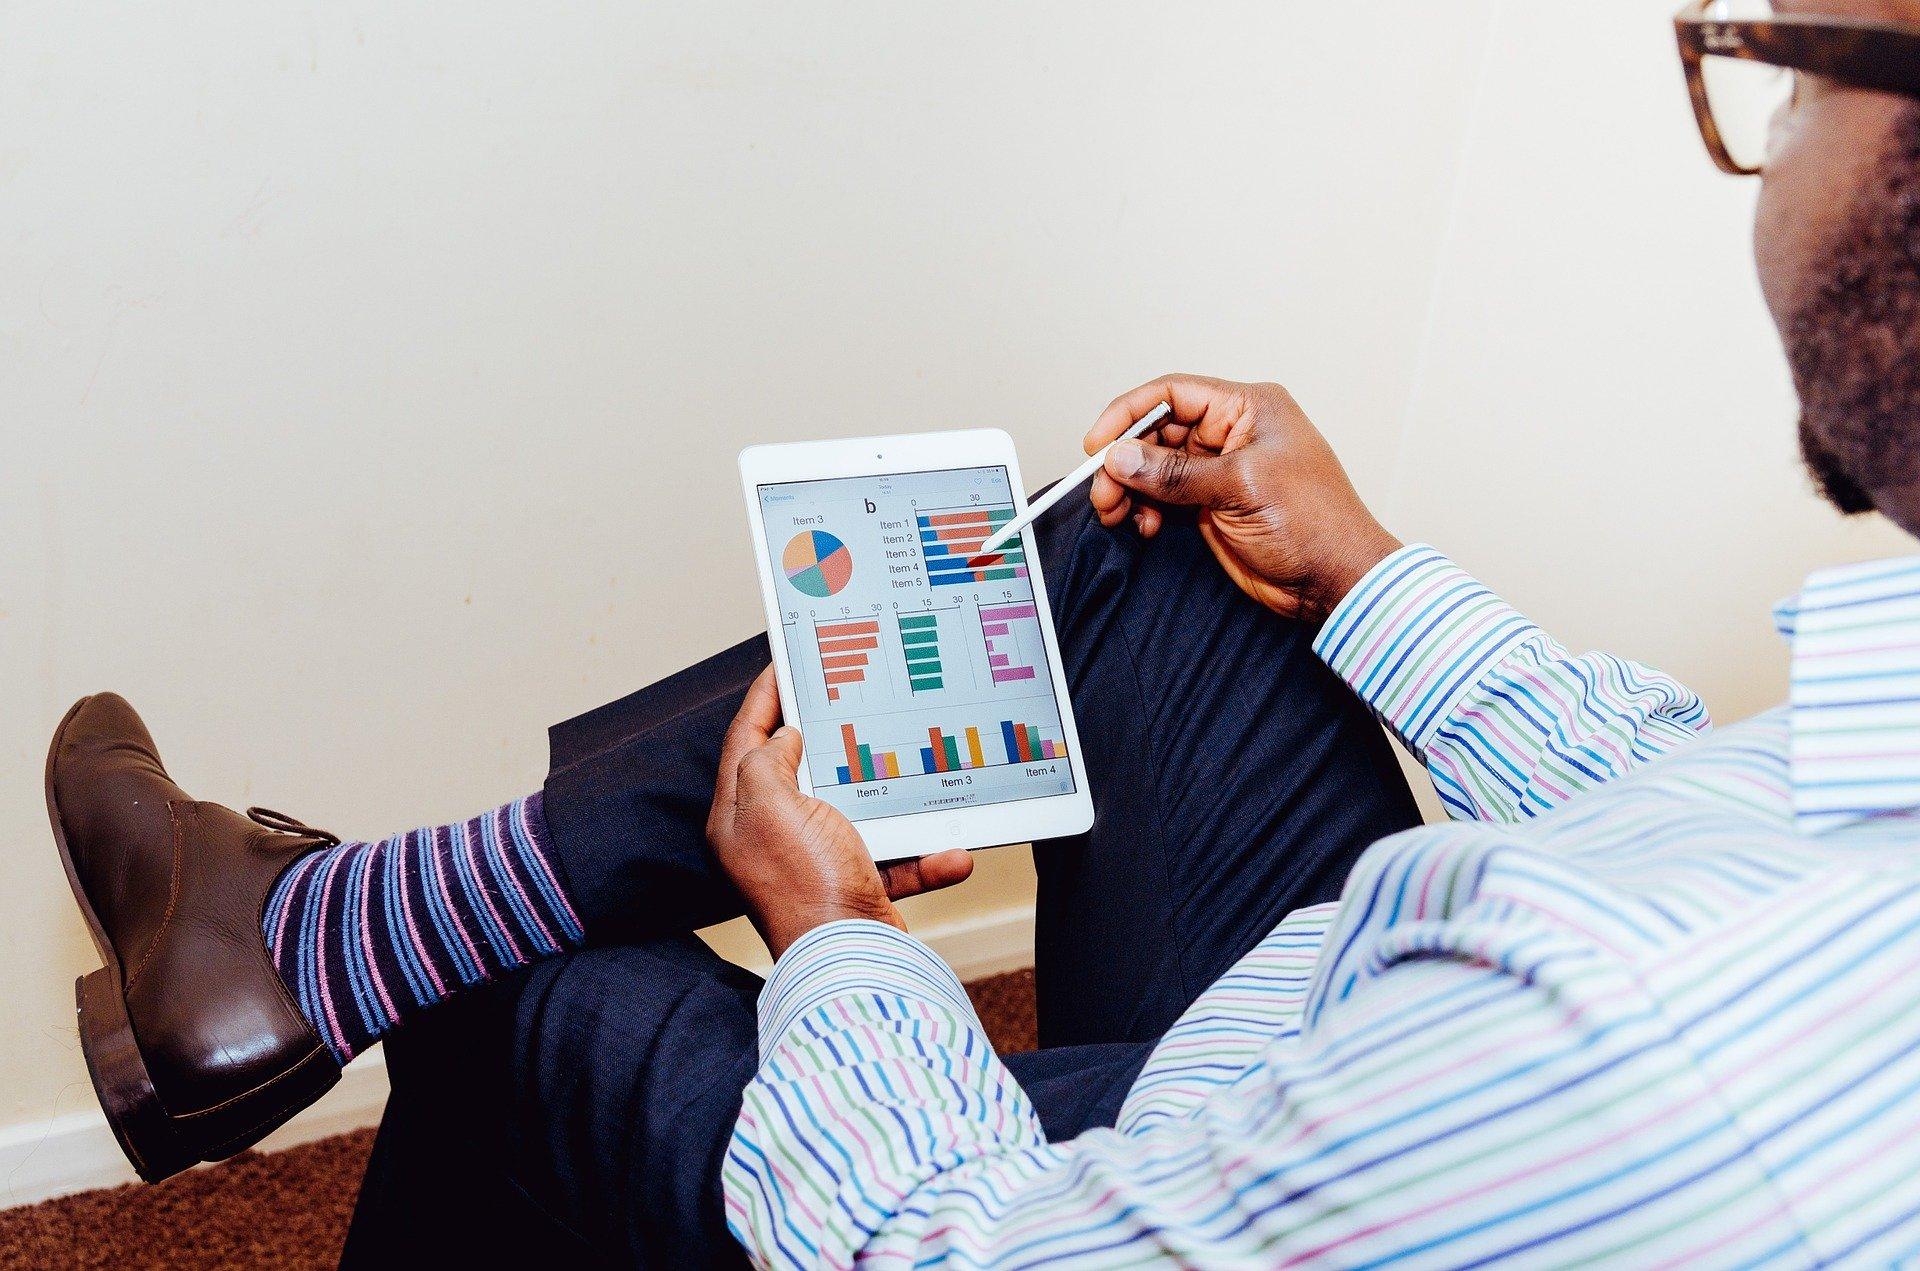 Gérer son budget avec un logiciel ou une application en ligne